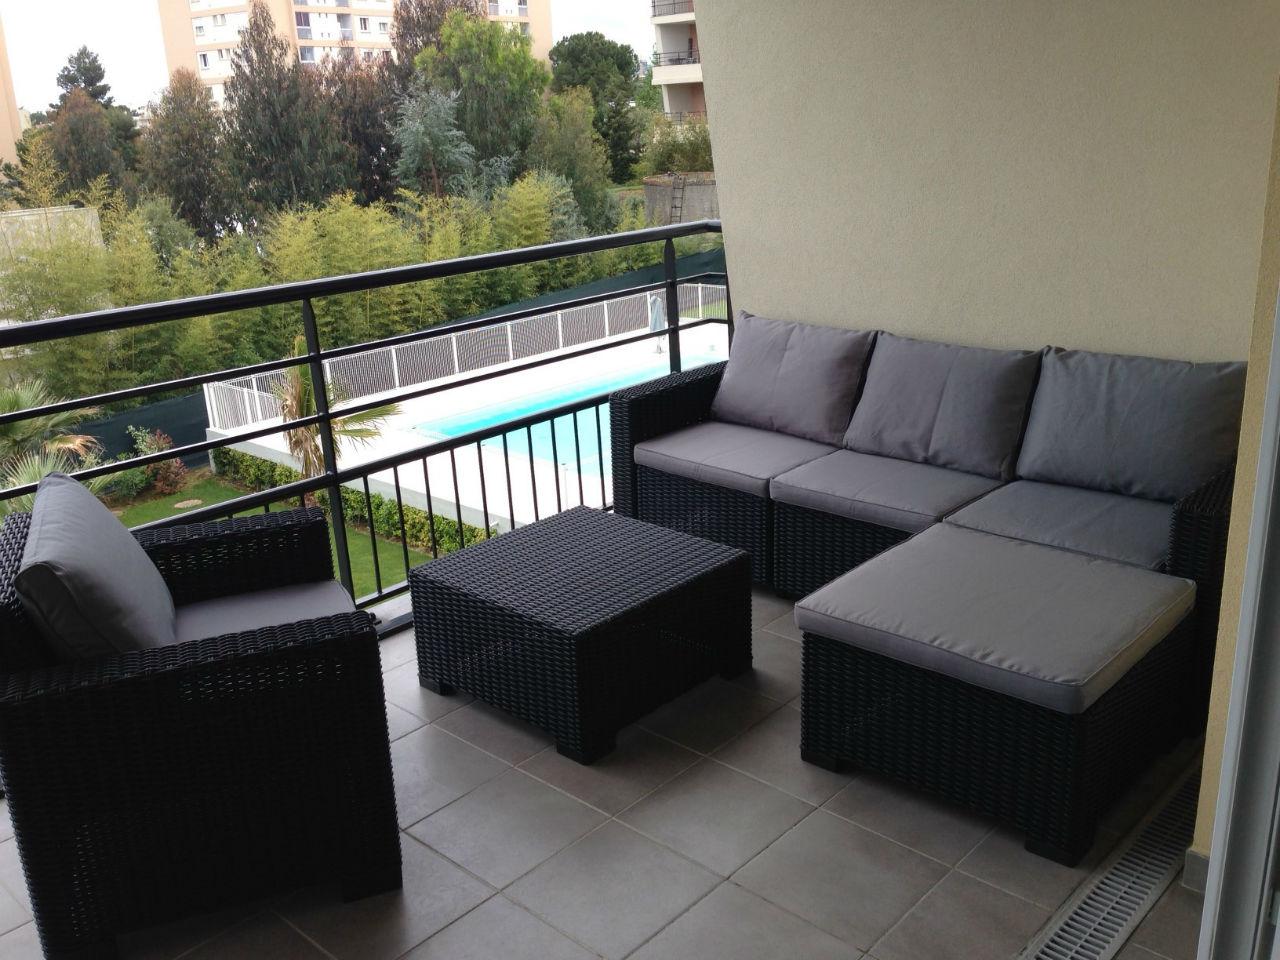 salon de jardin pour terrasse 1